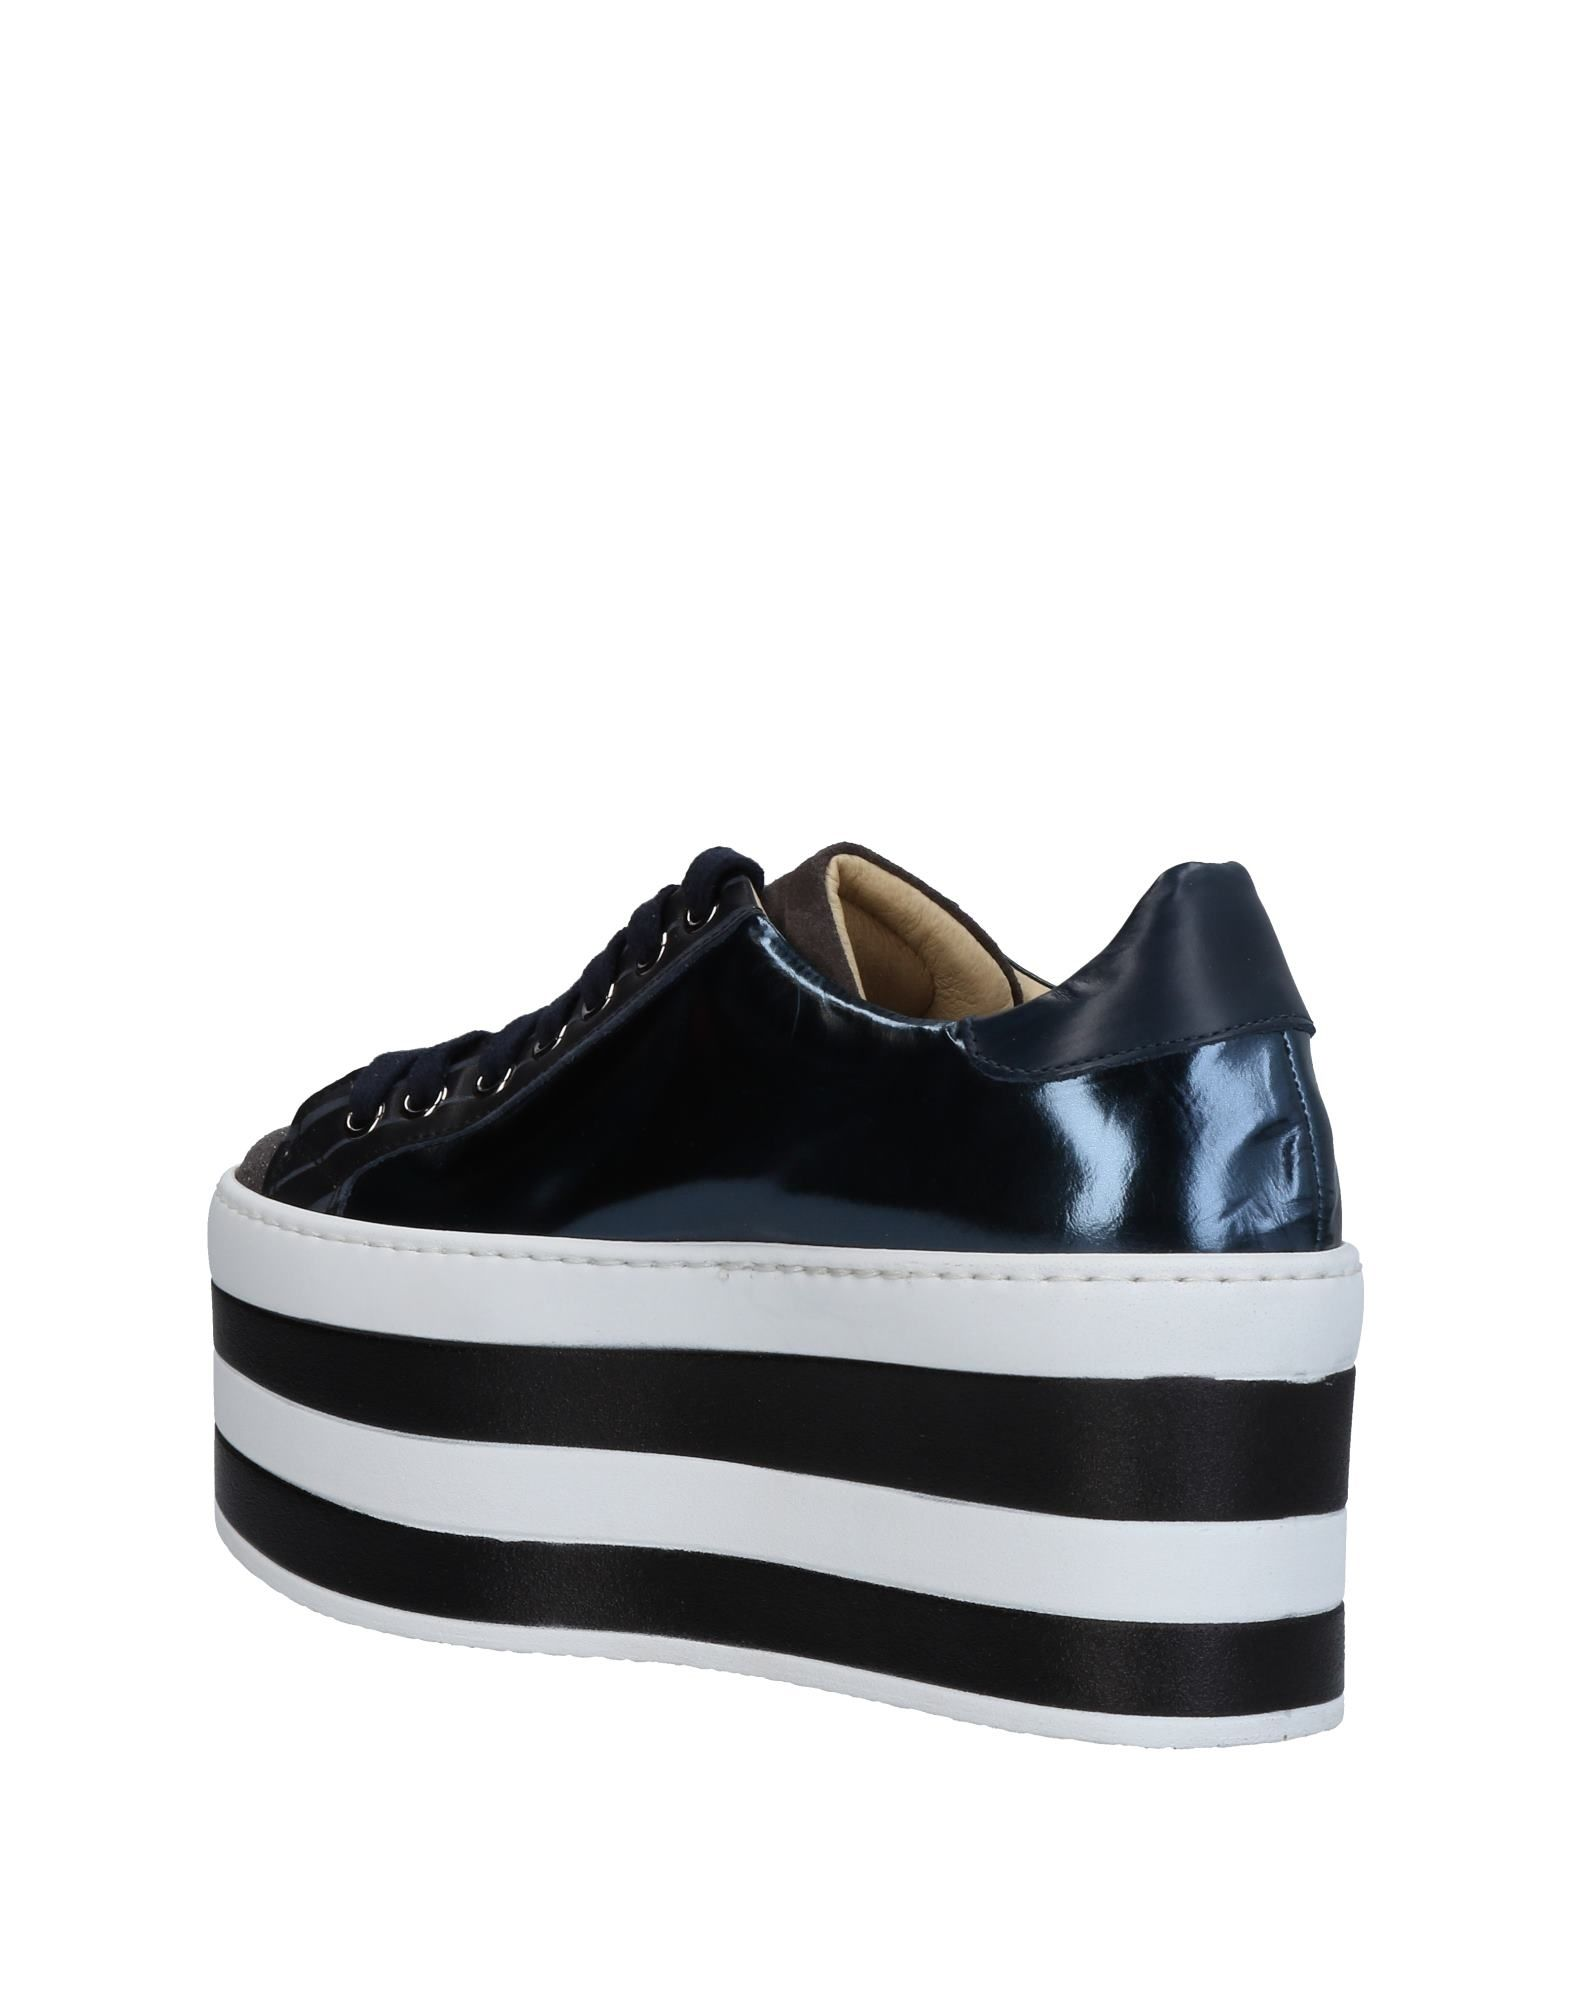 Scarpe economiche e resistenti Sneakers Ebarrito Donna - 11457013PJ